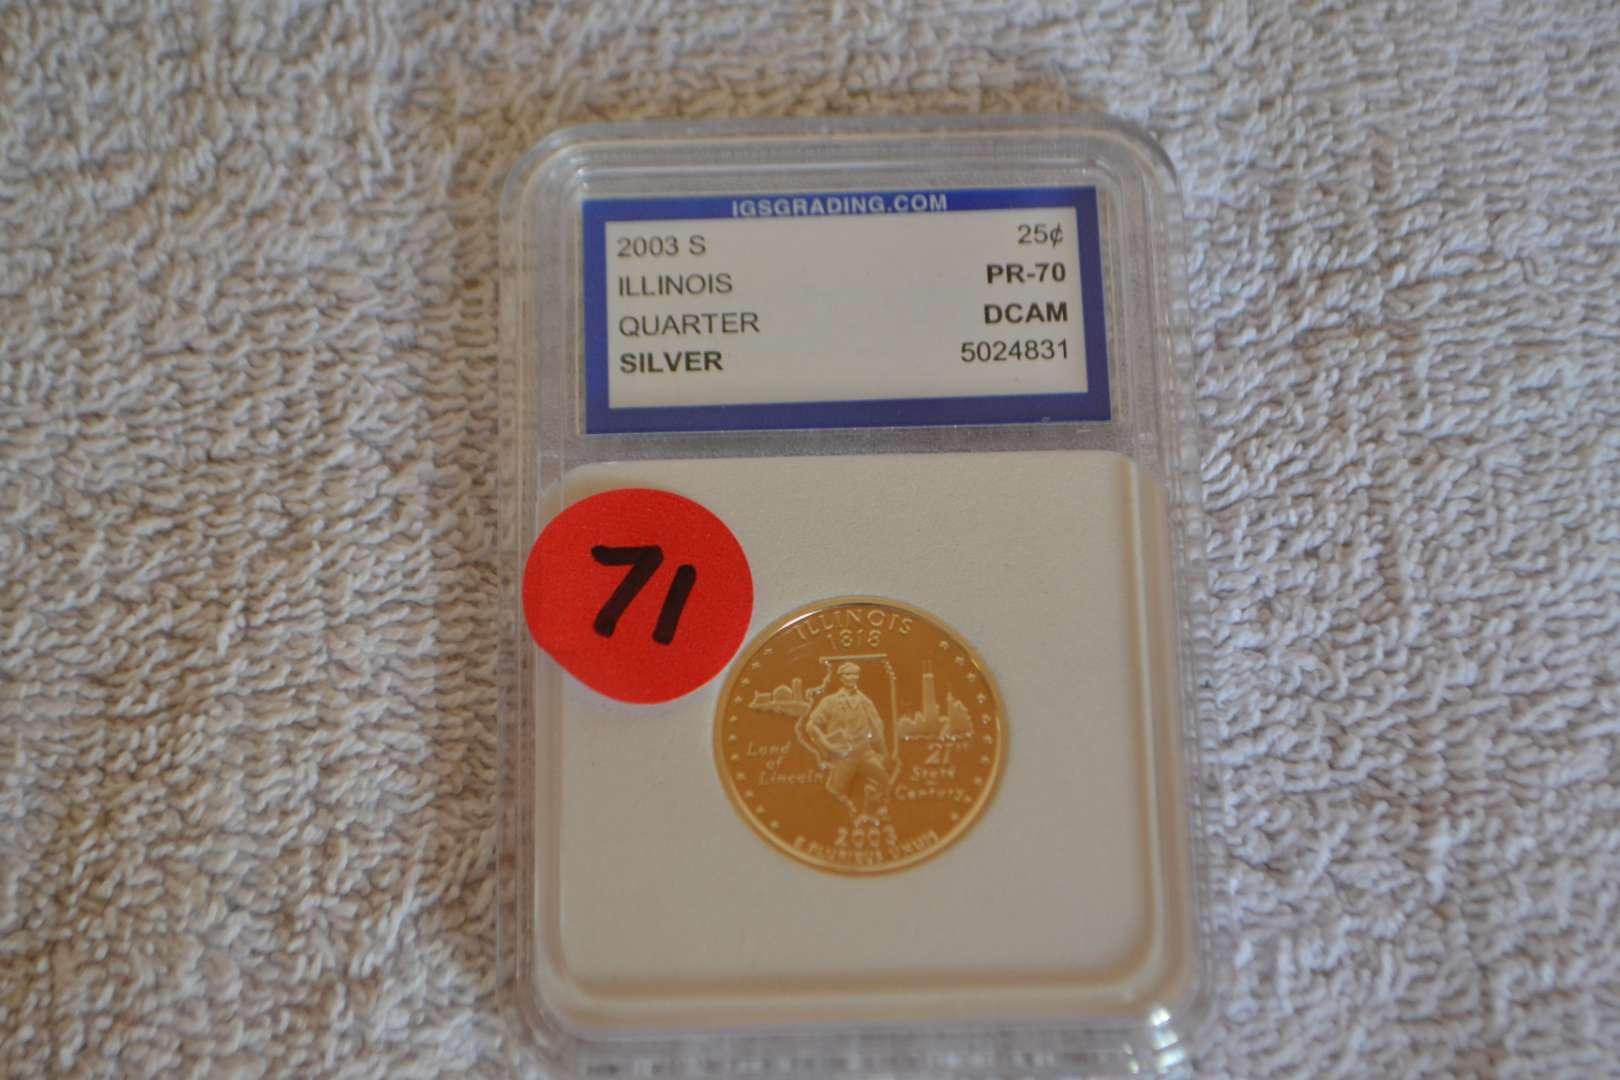 Lot # 71 2003 S ILLINOIS SILVER QUARTER IGS GRADED PR70